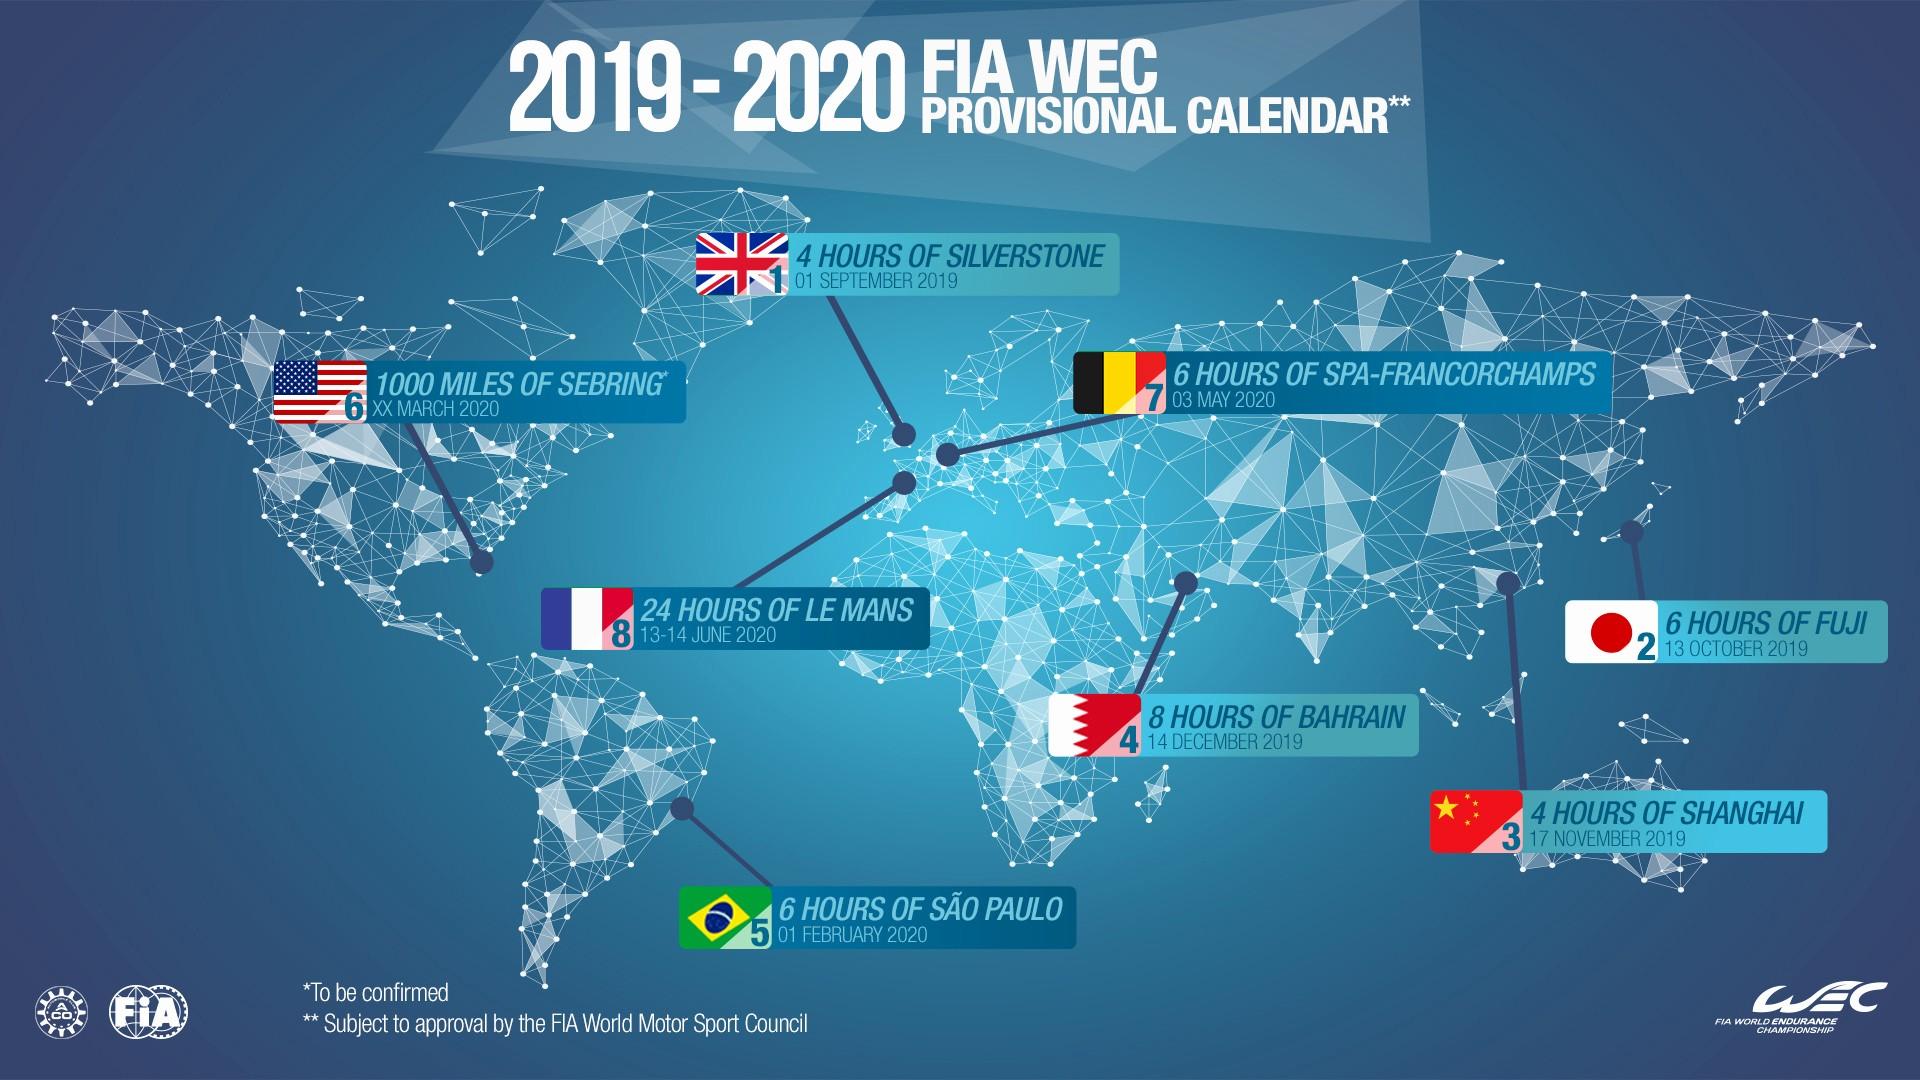 calendario campeonato de drones 2019 calendario campeonato de drones 2019 wec 2019 2020 oito corridas e o regresso de brasil e bahrain